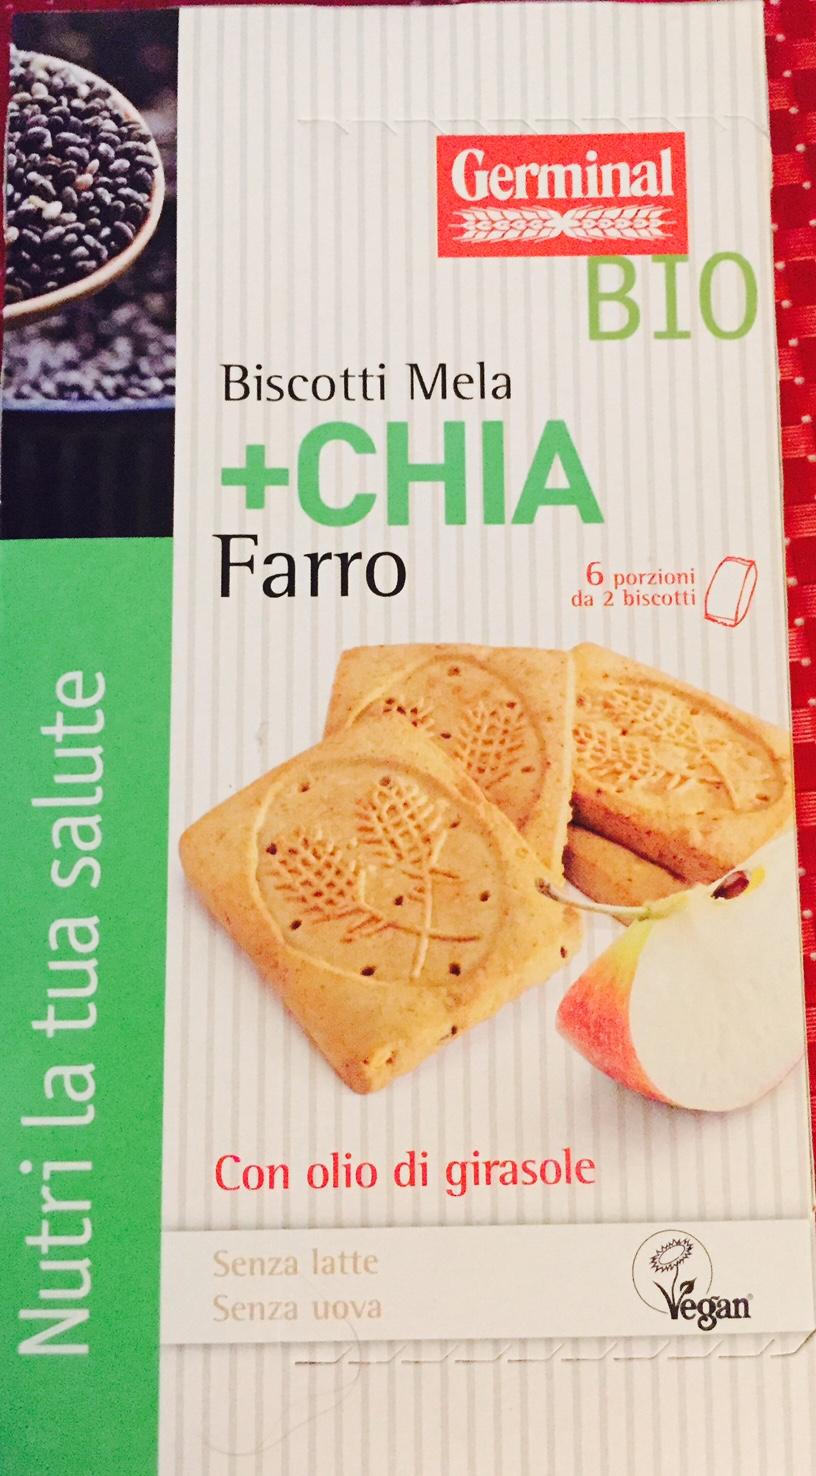 Biscotti al farro mela e chia Germinal - lattosio 0% Image